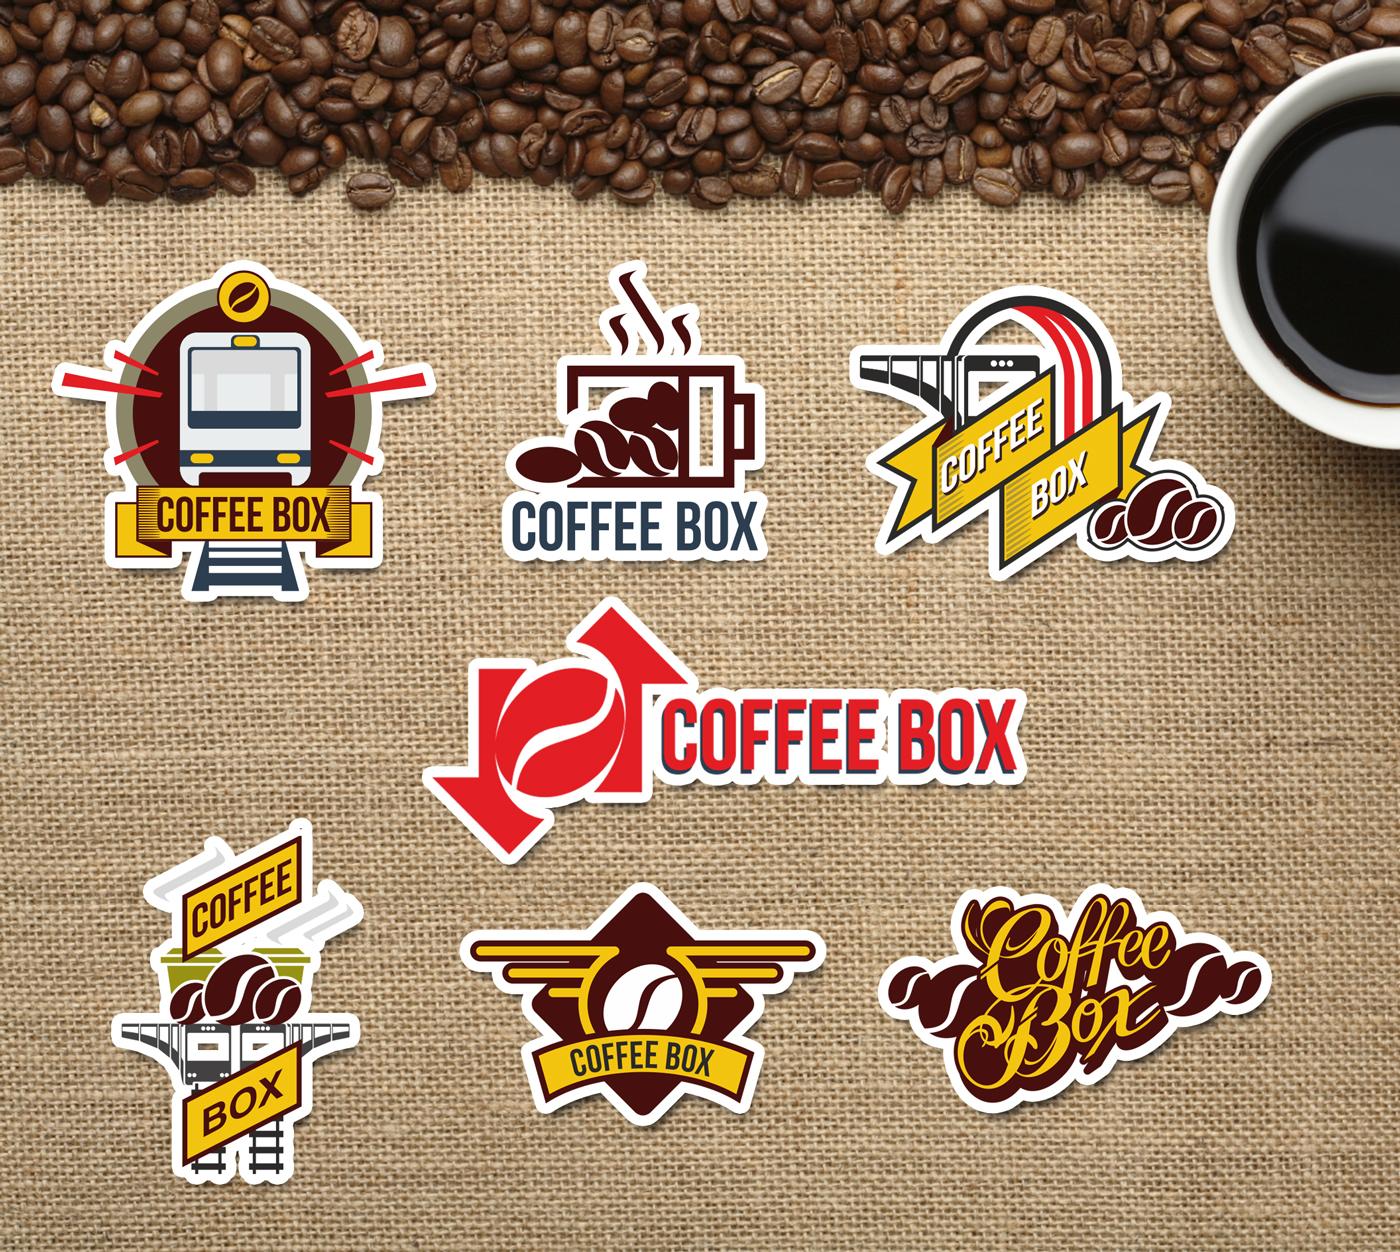 Требуется очень срочно разработать логотип кофейни! фото f_9895a15591cc4364.jpg